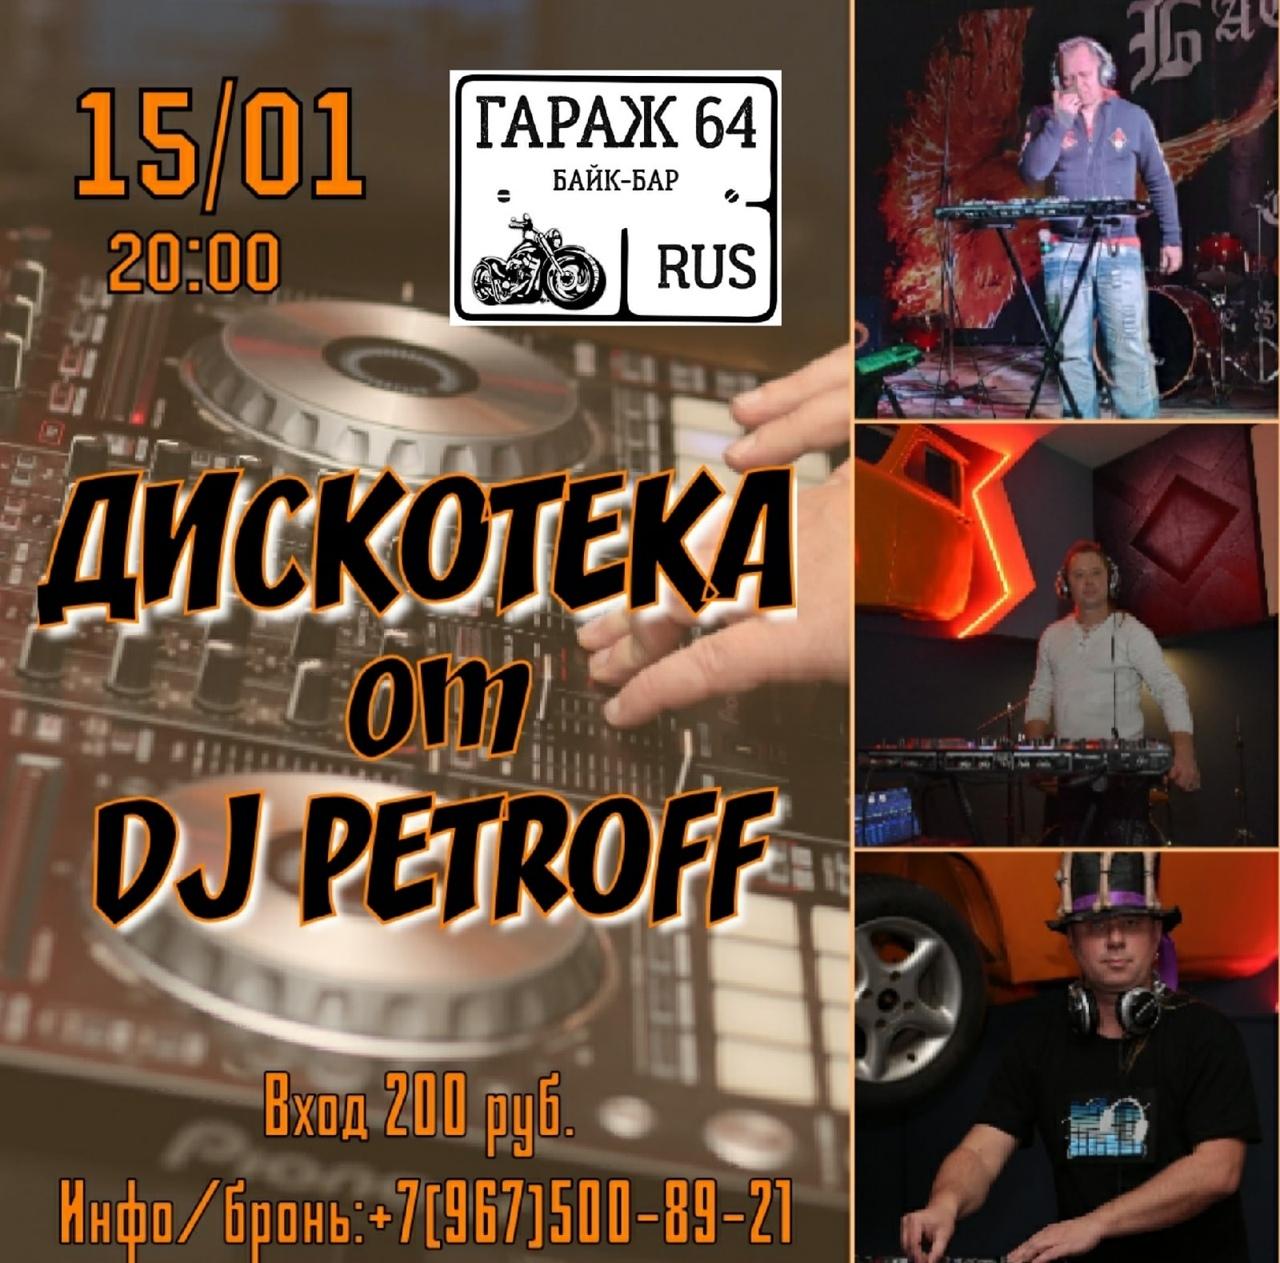 Афиша Саратов Дискотека от DJ PETROFF/ 15.01.21